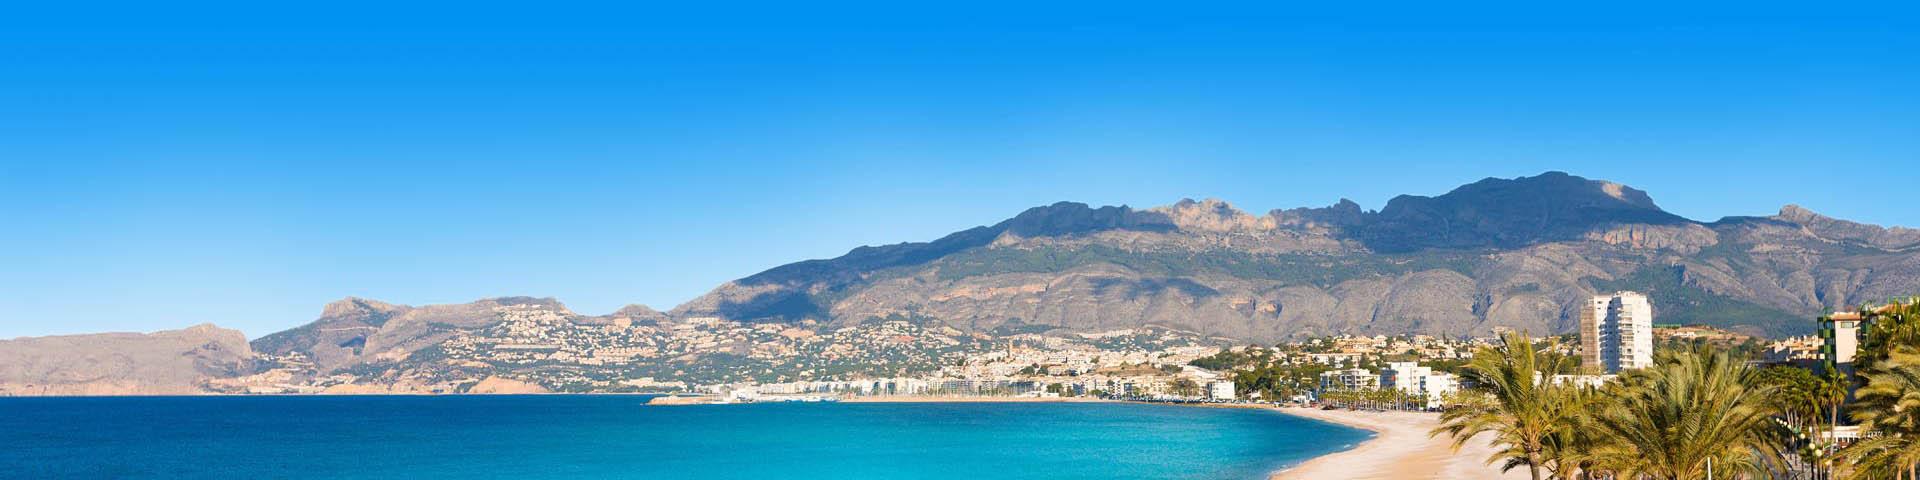 Zandstrand met blauw water en uitkijkend op gebergte in Spanje